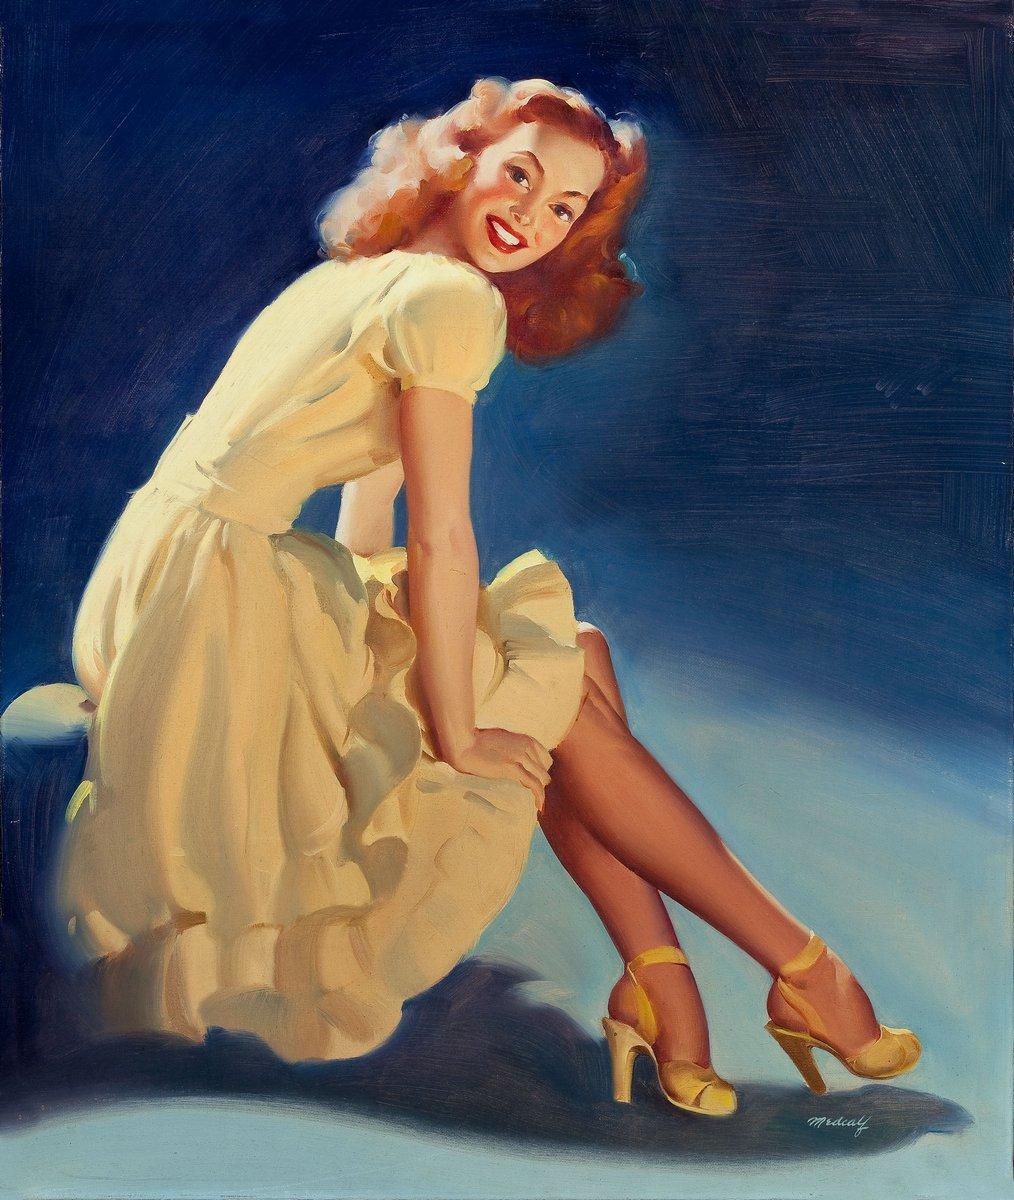 Искусство, картина Медкалф Билл «Девушка в желтом платье», 20x24 см, на бумагеПин-ап<br>Постер на холсте или бумаге. Любого нужного вам размера. В раме или без. Подвес в комплекте. Трехслойная надежная упаковка. Доставим в любую точку России. Вам осталось только повесить картину на стену!<br>